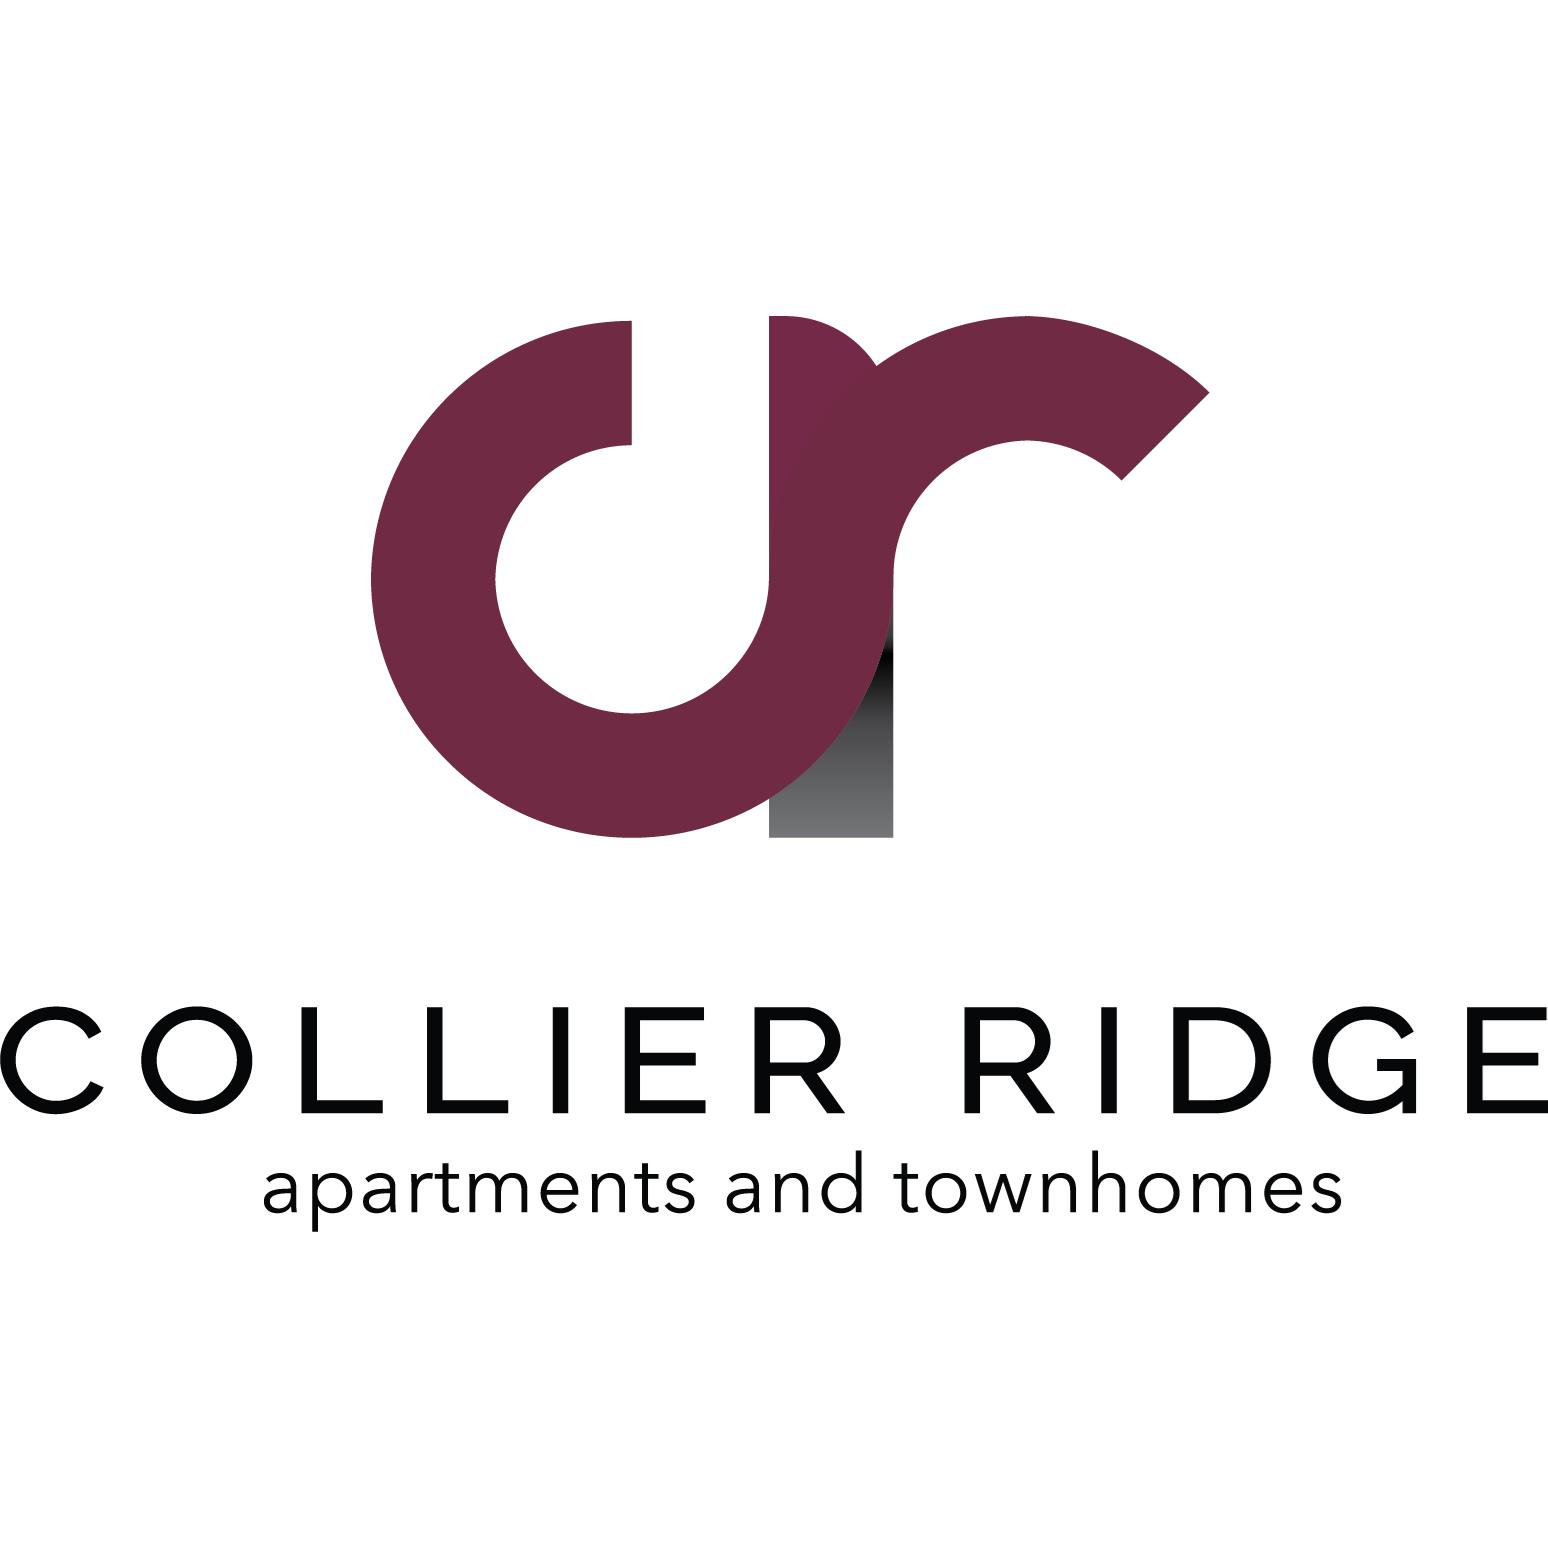 Collier Ridge